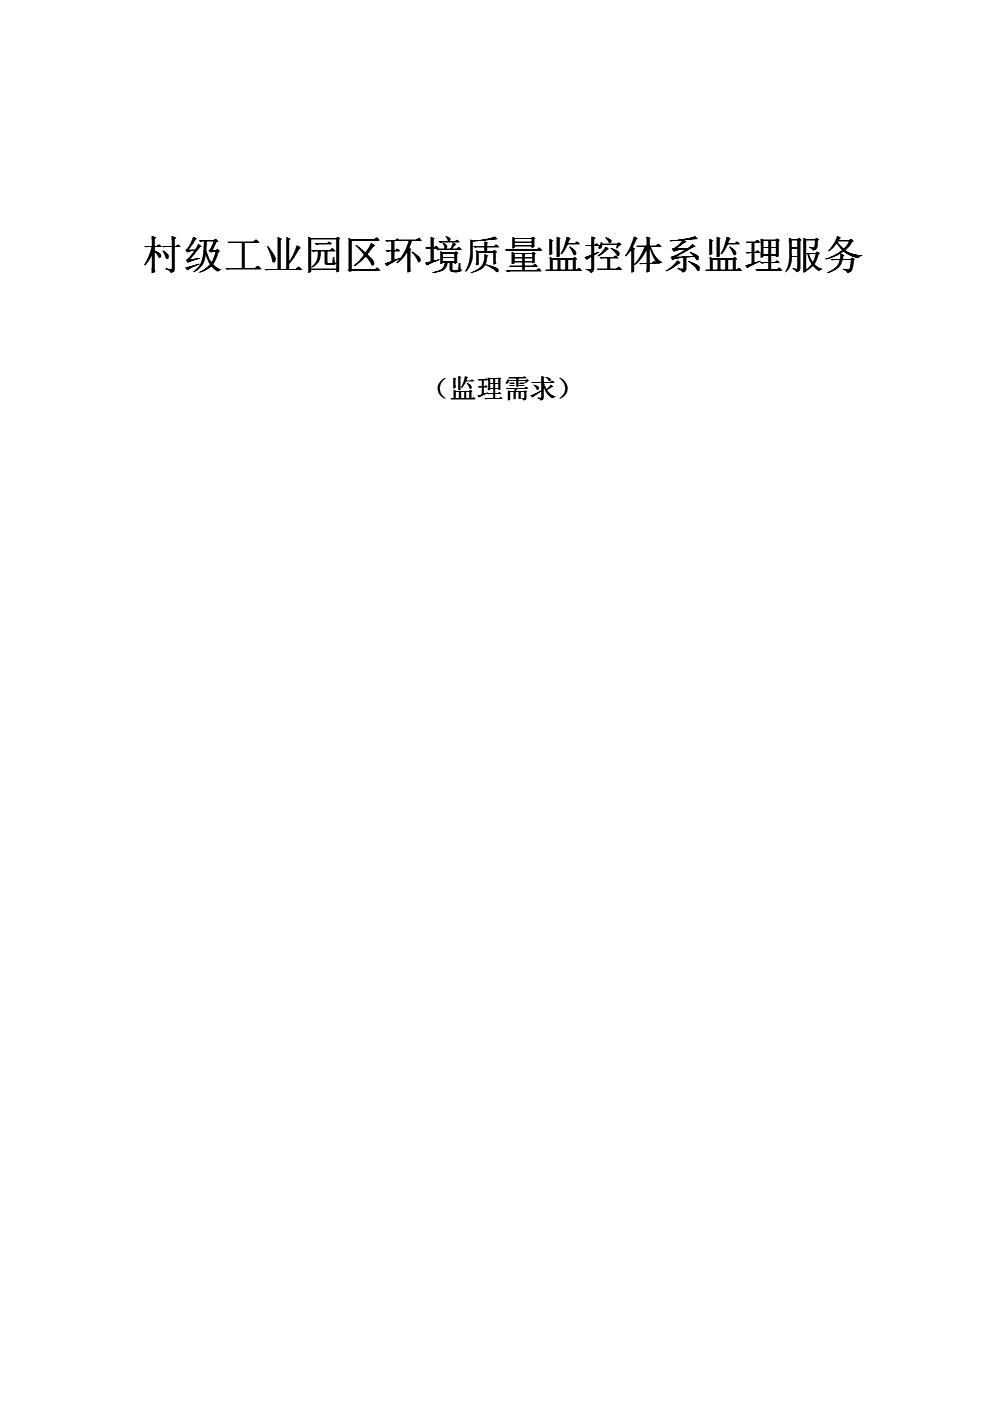 村级工业园区环境质量监控体系监理服务.doc